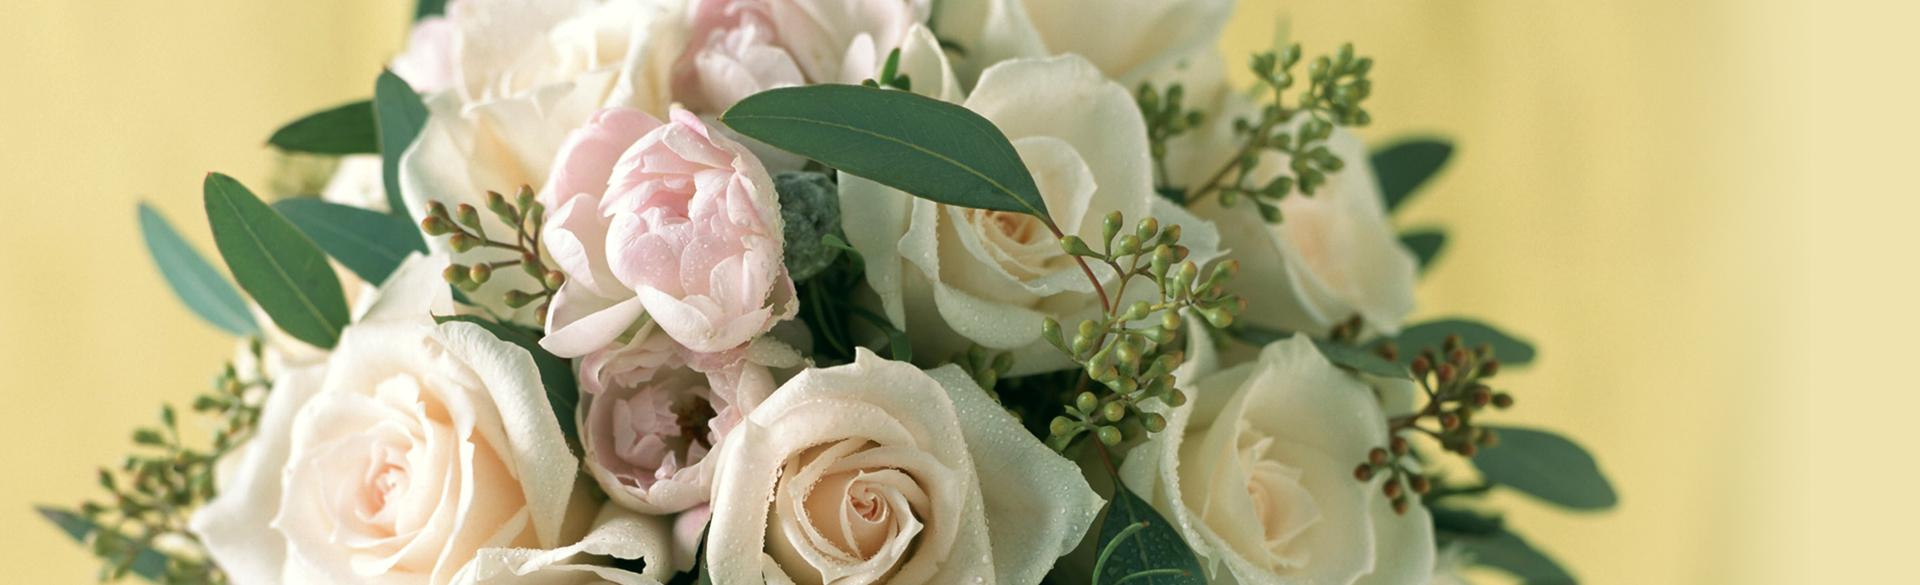 大切な想いを運ぶ 花の詩